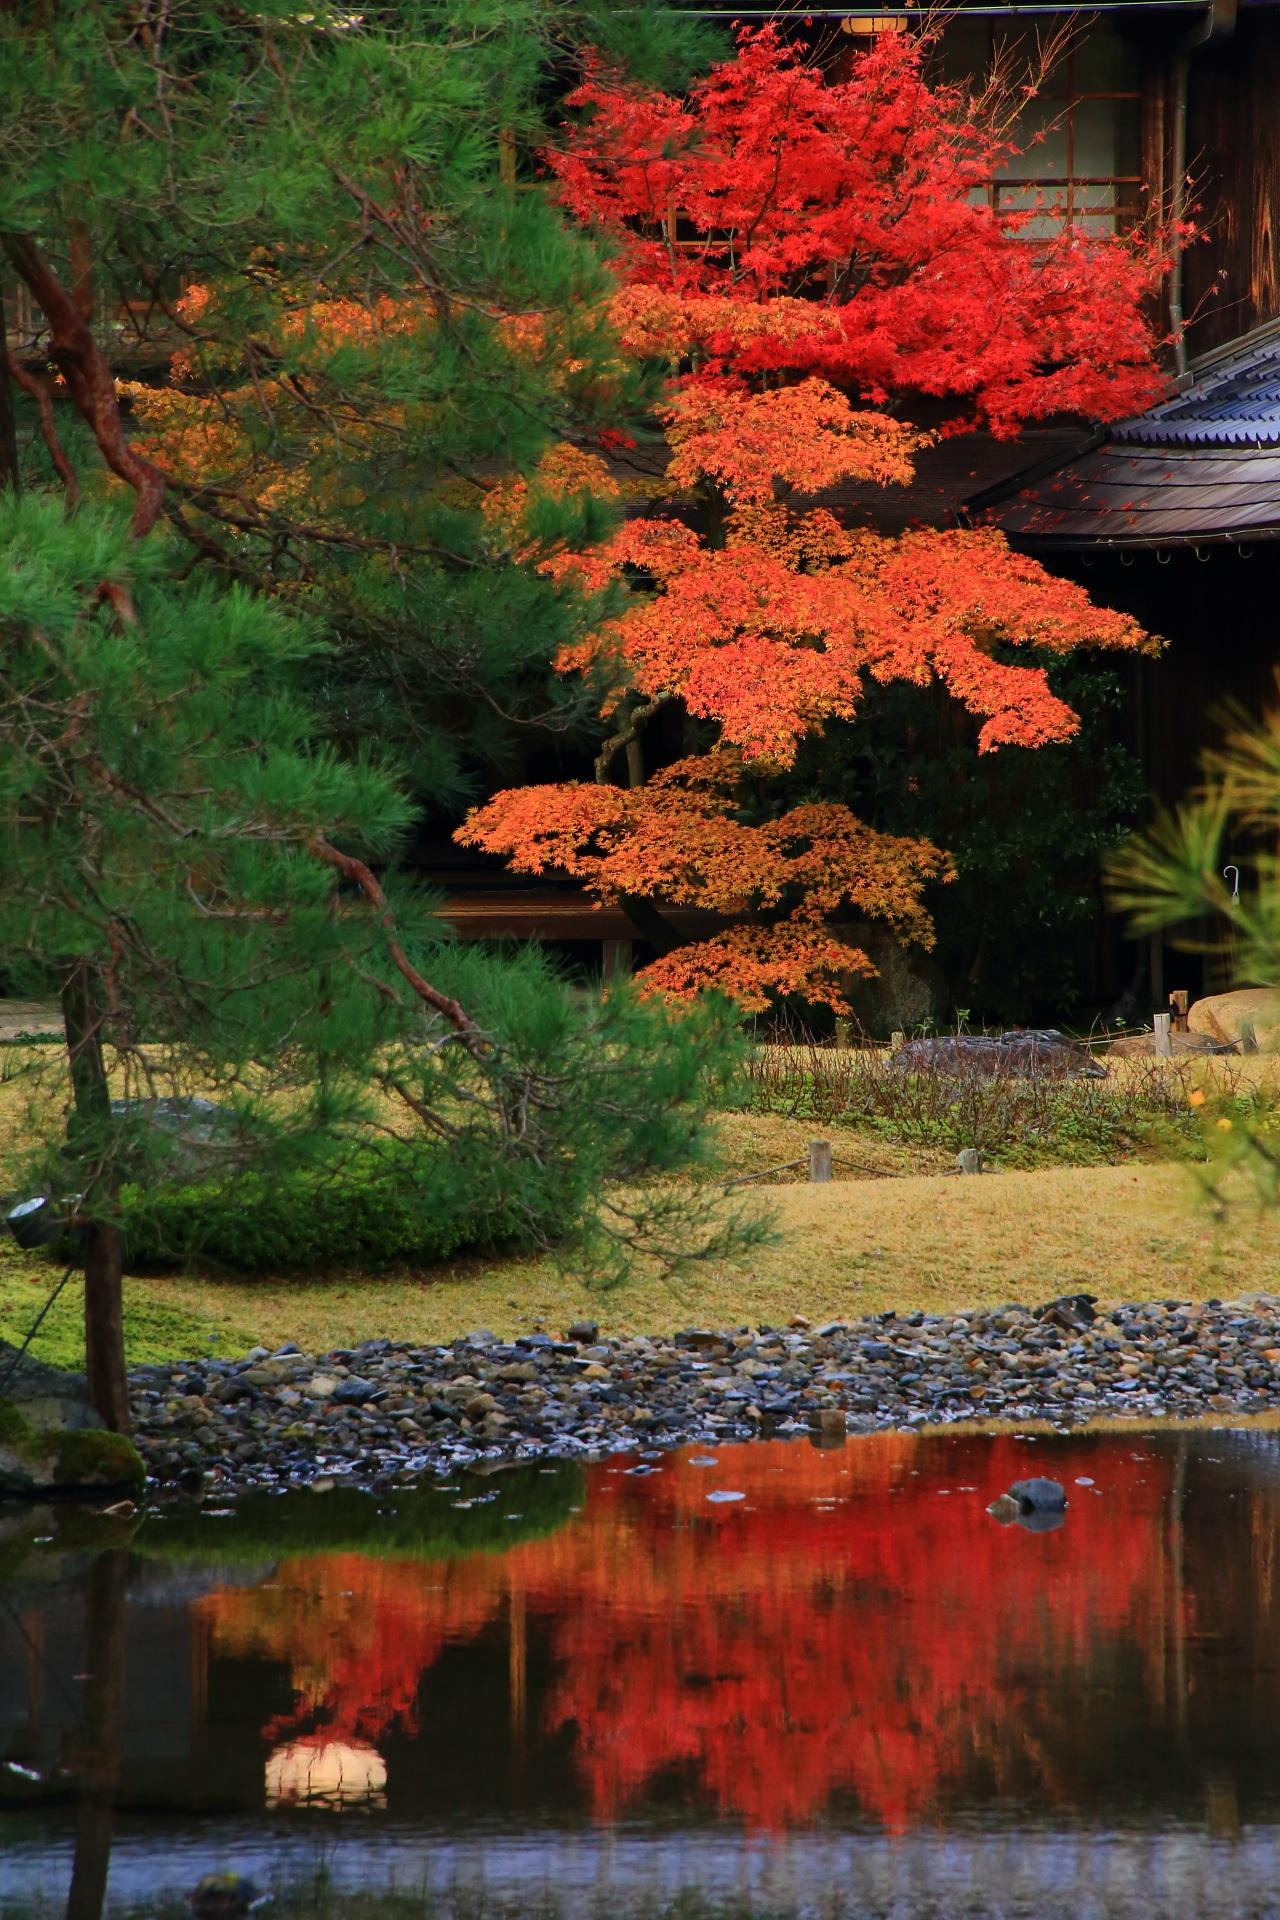 無鄰菴の鮮やかな赤とオレンジの紅葉と美しい紅葉の水鏡